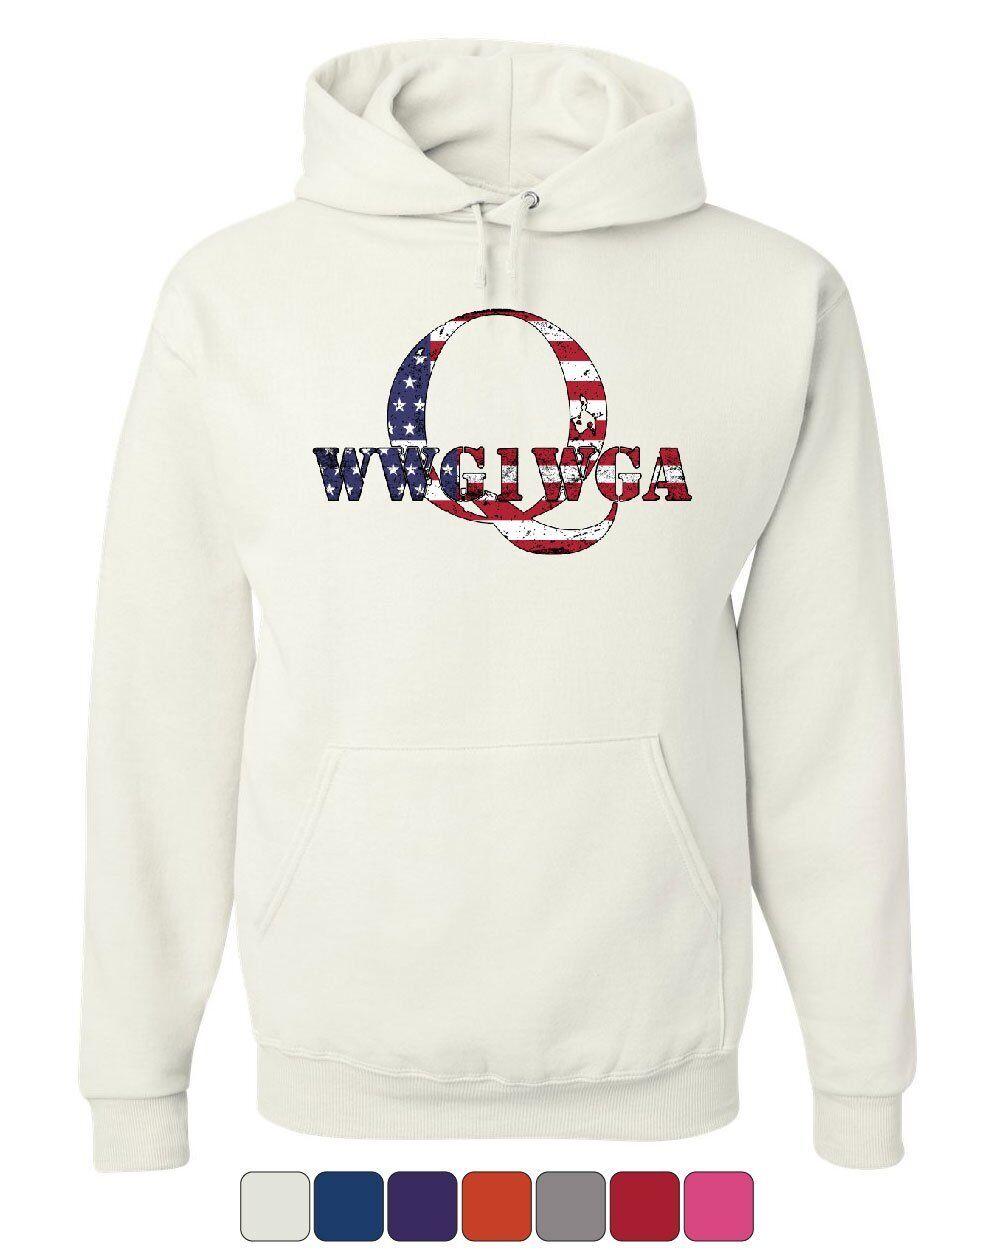 Q ANON WWG1WGA Stars And Stripes Hoodie Where We Go 1 We Go All Sweatshirt